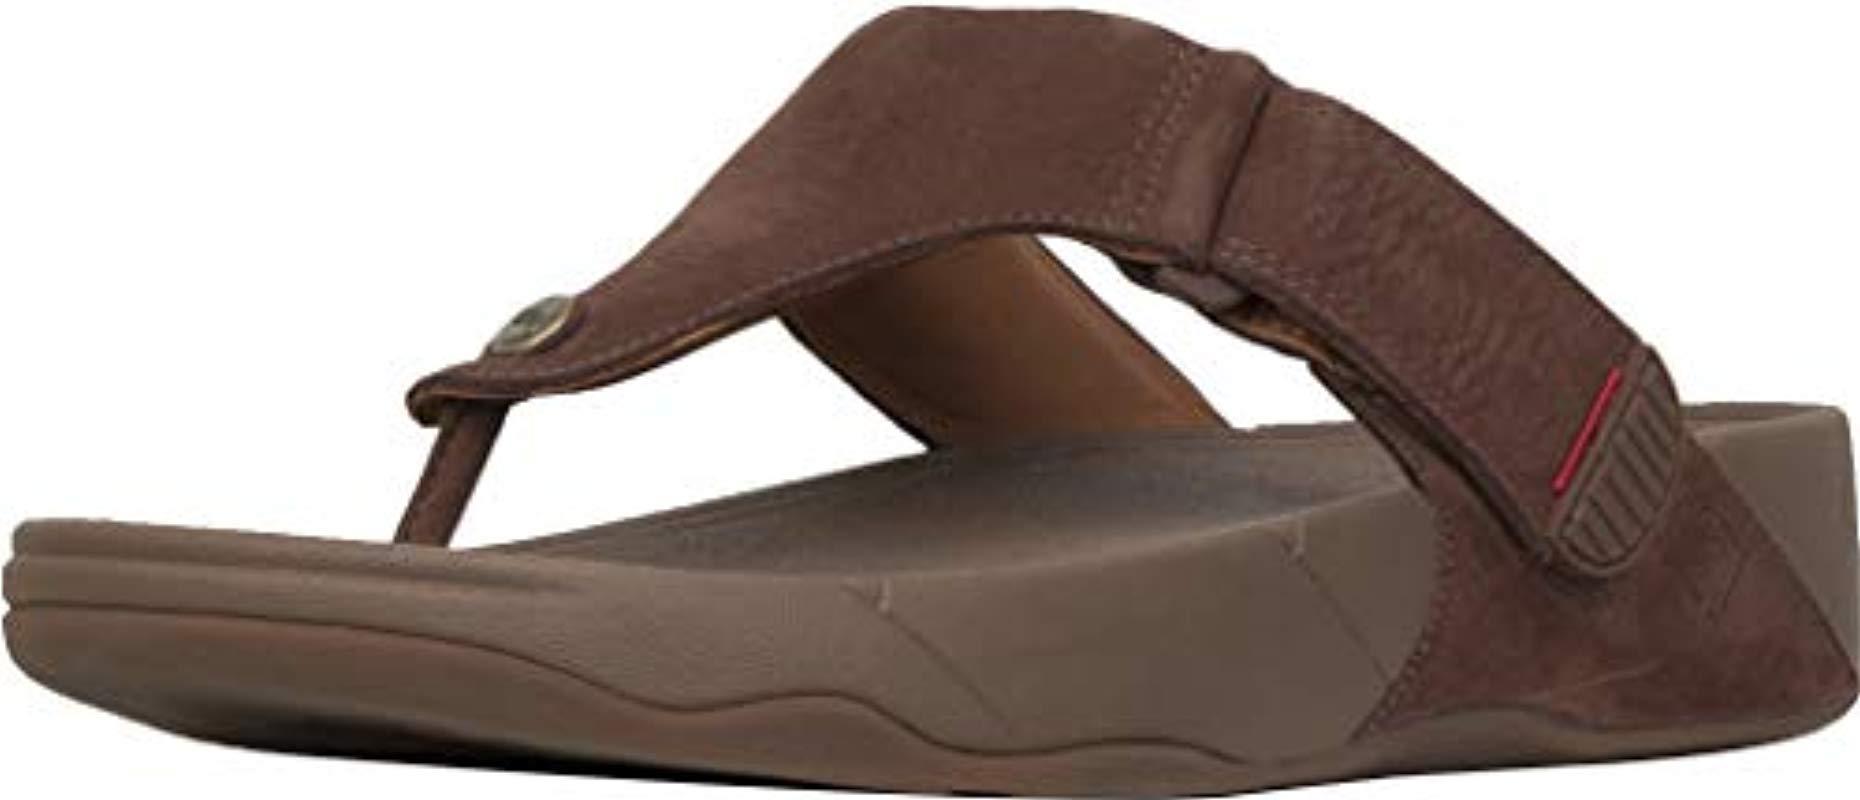 9fe1a6473 Fitflop Trakk Ii - Nubuck Flip Flops in Brown for Men - Lyst